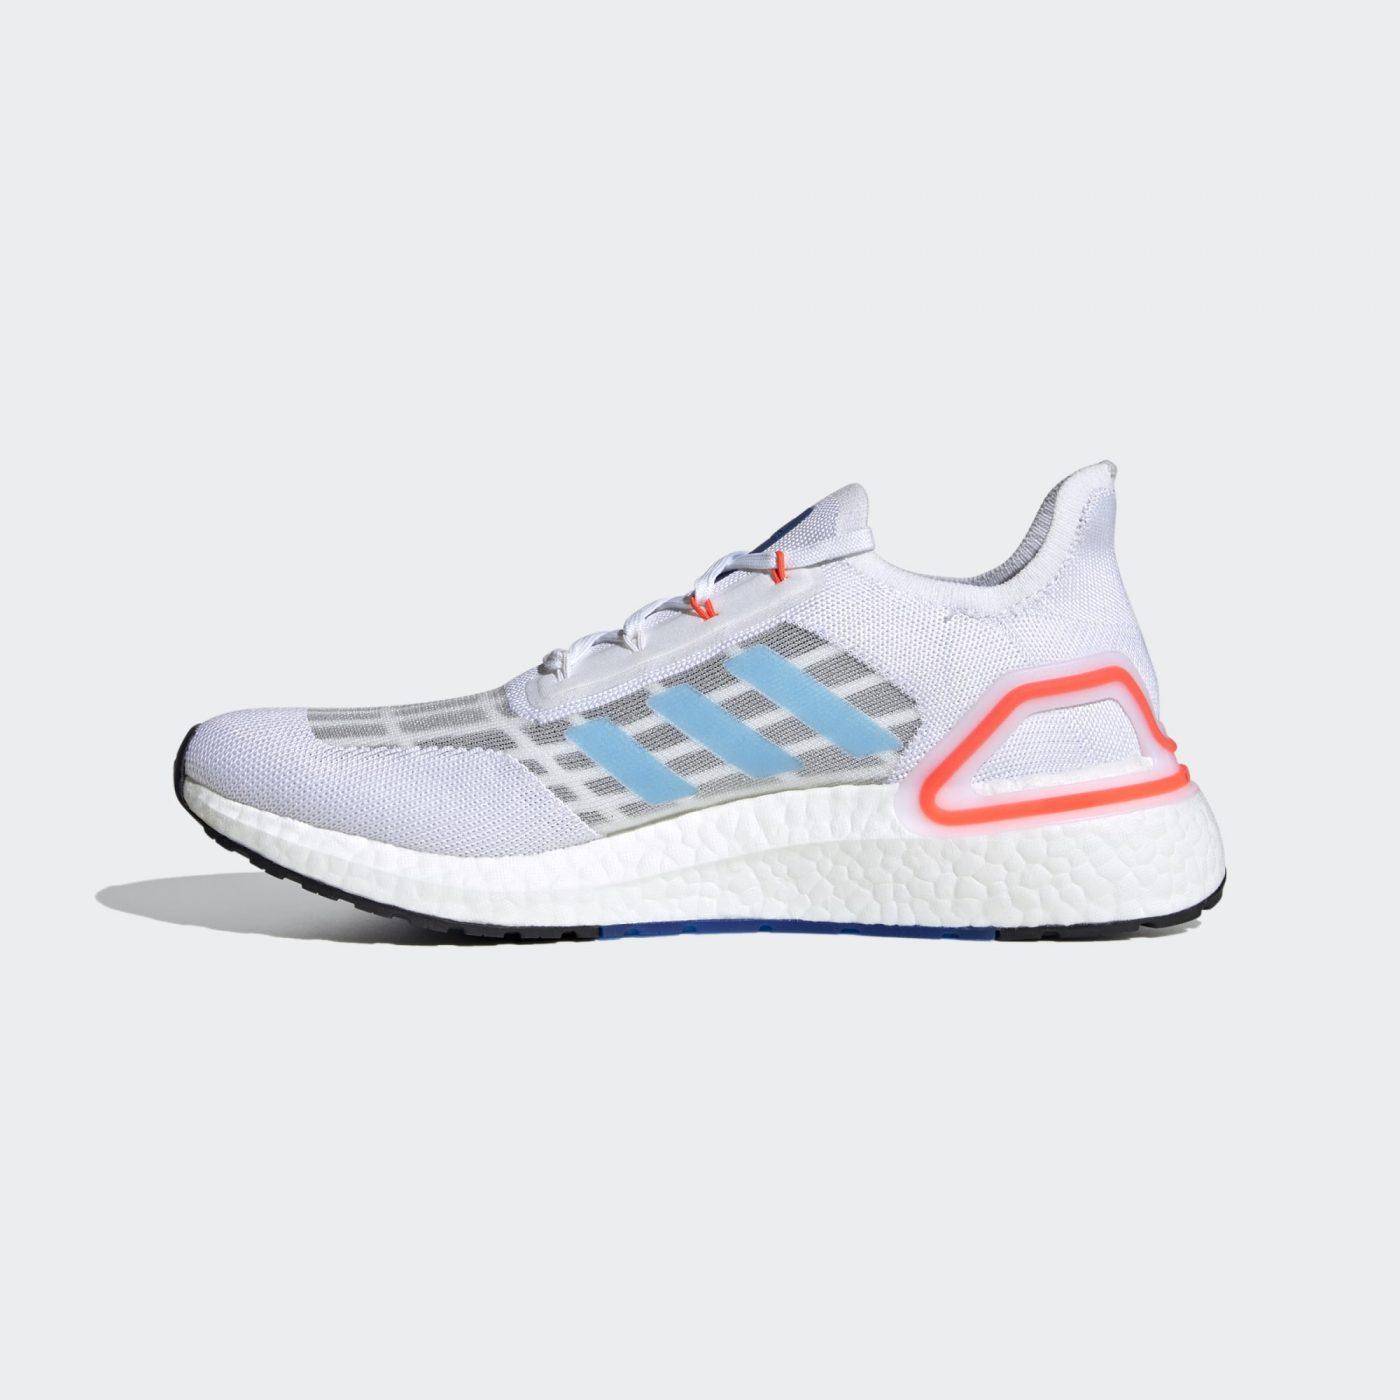 adidas_Ultraboost_SUMMER.RDY_6